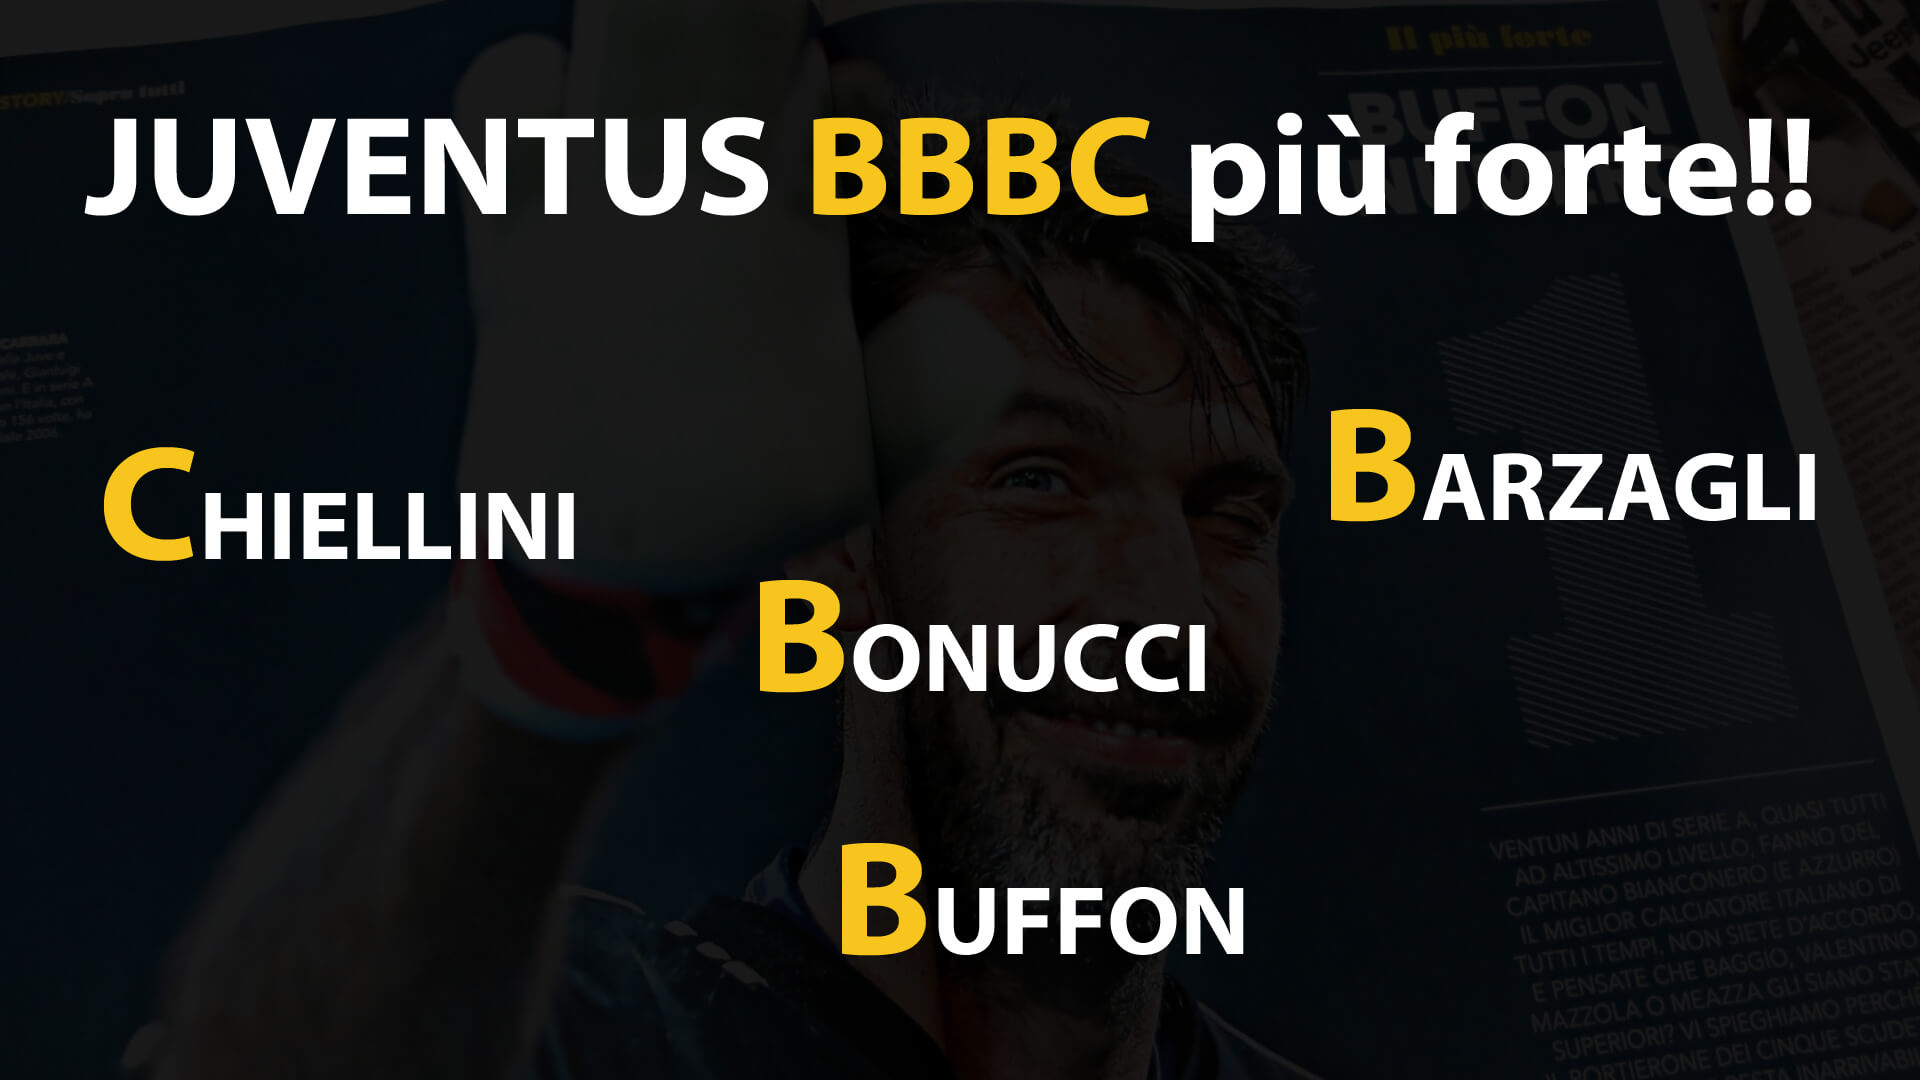 Juventus BBBC